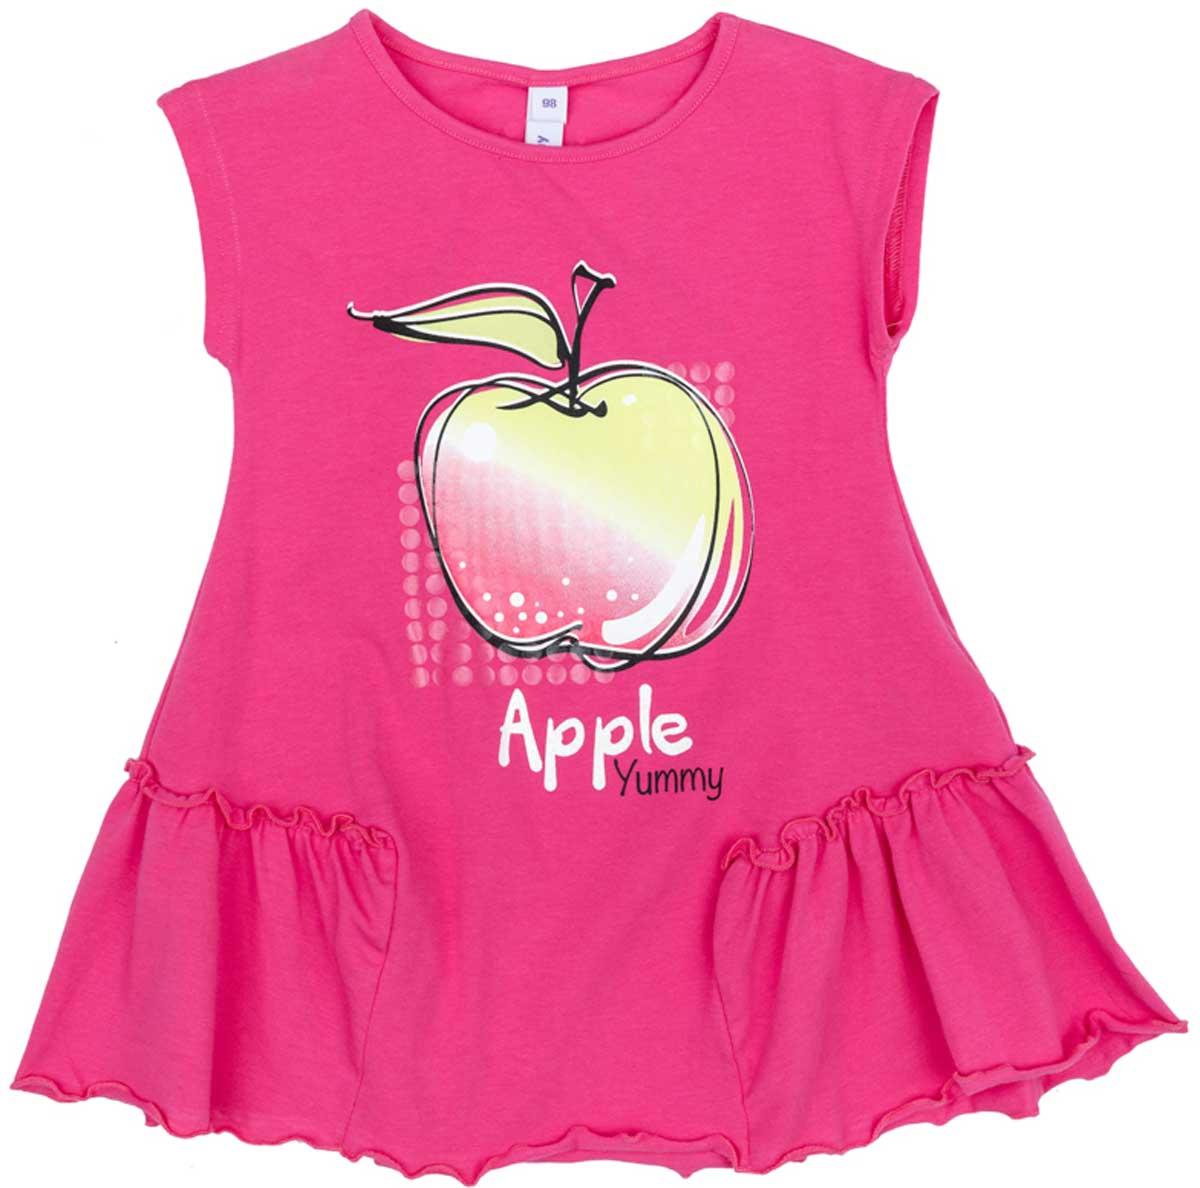 Платье172175Эффектное платье насыщенного цвета из натуральной ткани сможет быть прекрасным дополнением летнего детского гардероба. Модель декорирована ярким принтом. По бокам нестандартные вставки с мягкими оборками.